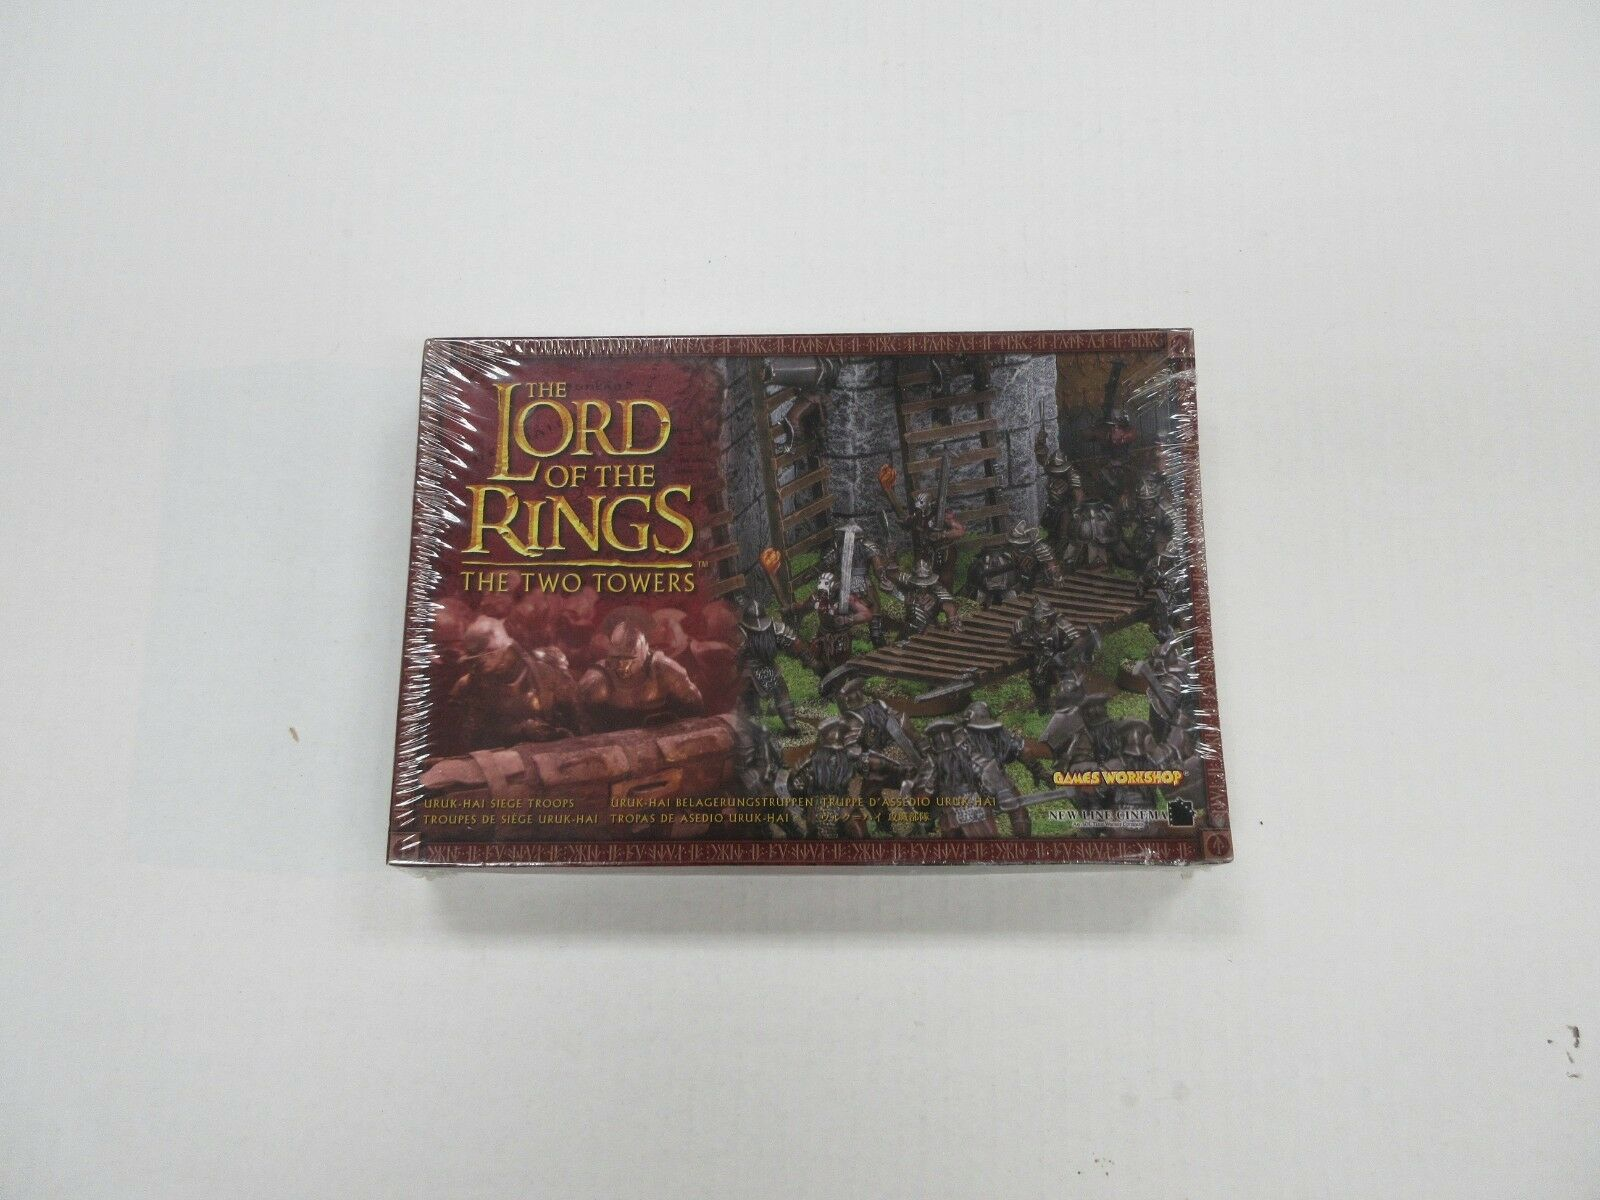 edición limitada 2002 Juegos workshop workshop workshop señor de los anillos dos torres MINIATURA FIGURA SET SEALED  ventas de salida